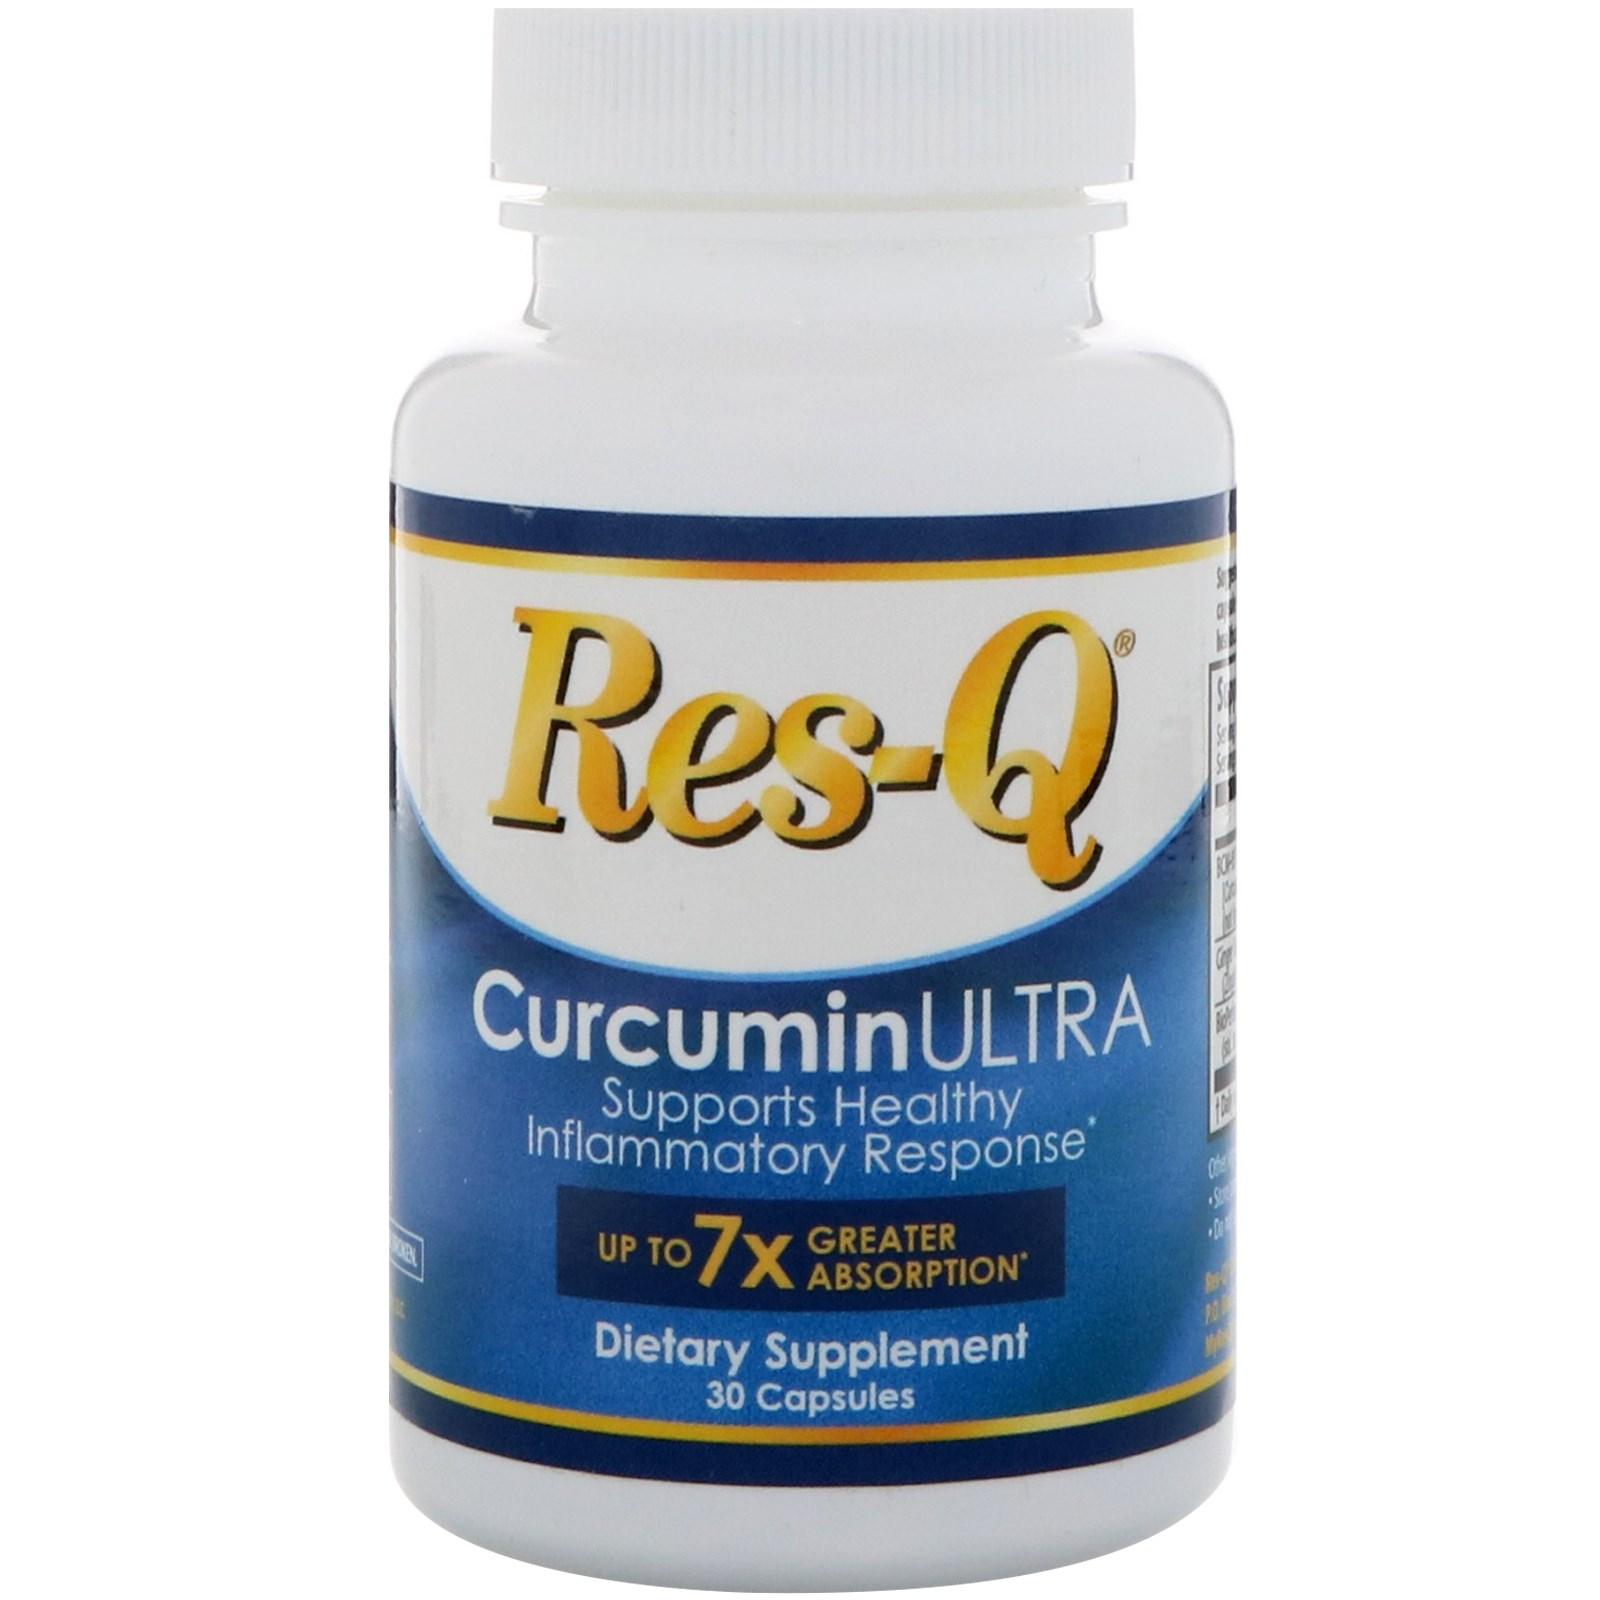 Res-Q, CurcuminULTRA, 30 Capsules